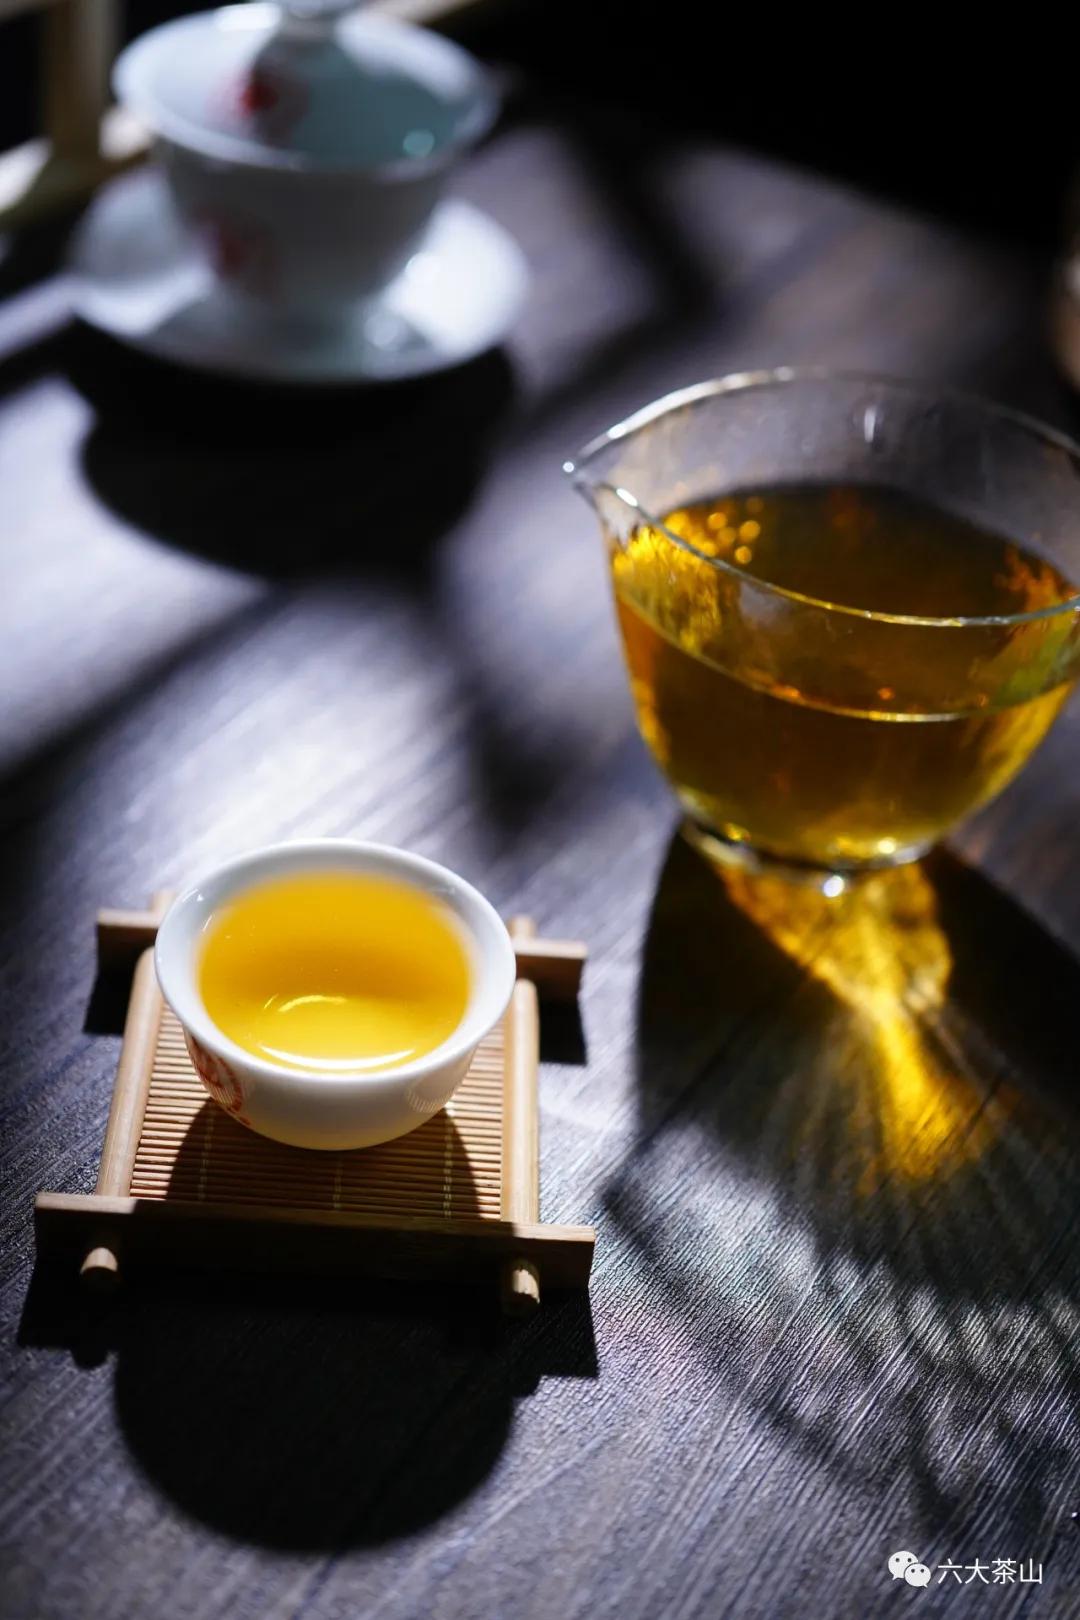 各具特色的茶韵、山韵、神韵,展示了云南山头茶的魅力